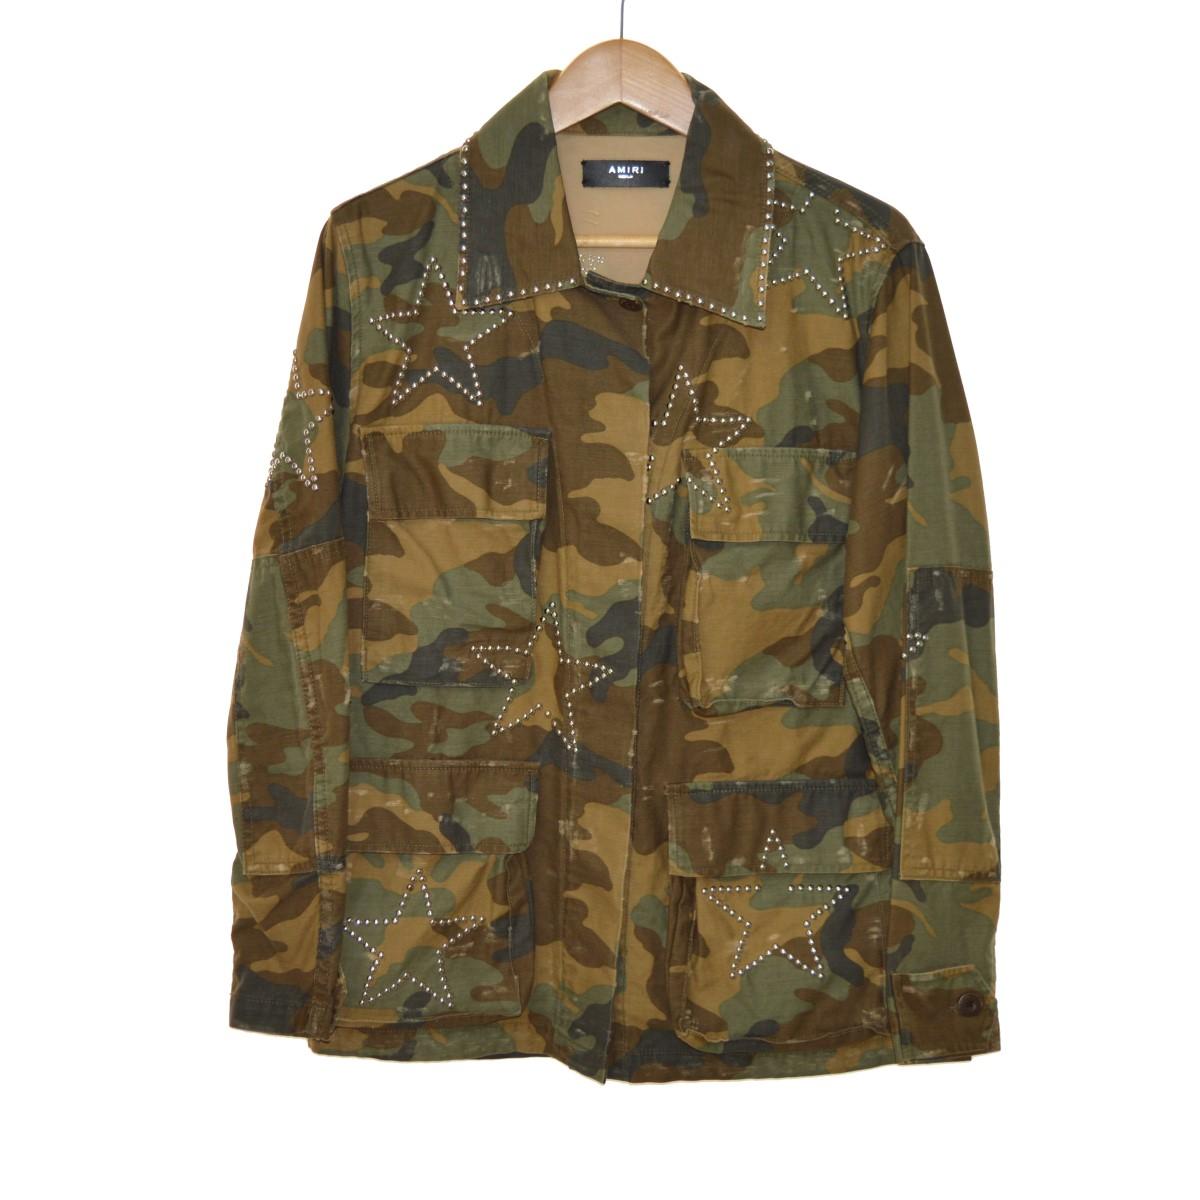 【中古】AMIRI17AW M65 スタースタッズジャケット ブラウン サイズ:M 【5月11日見直し】